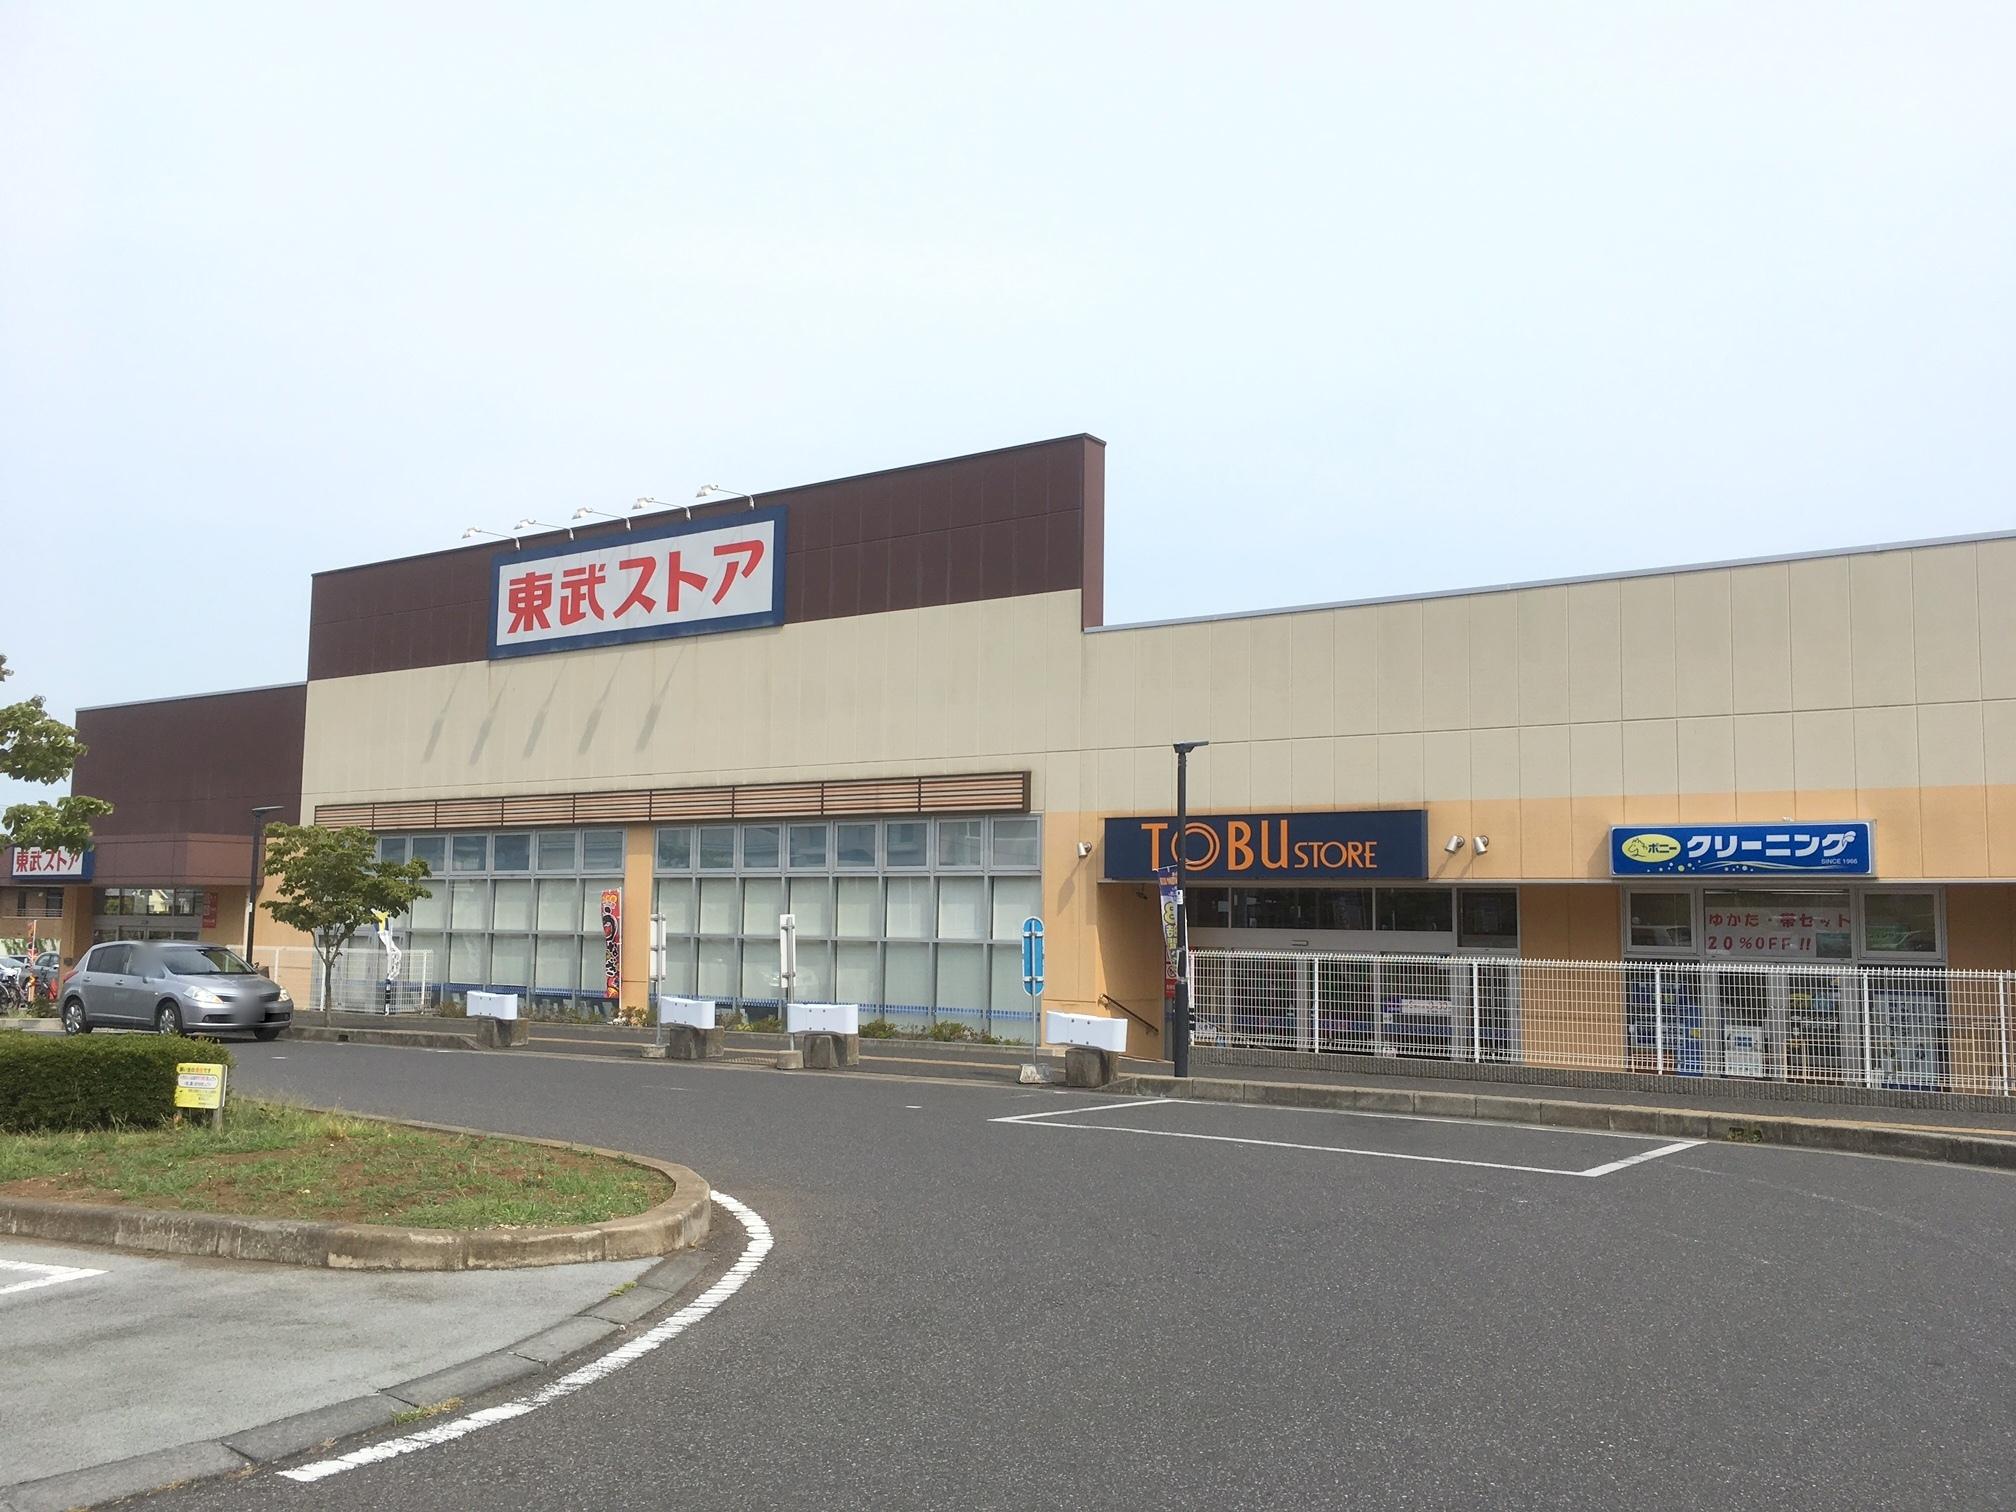 スーパー:東武ストア逆井店 343m